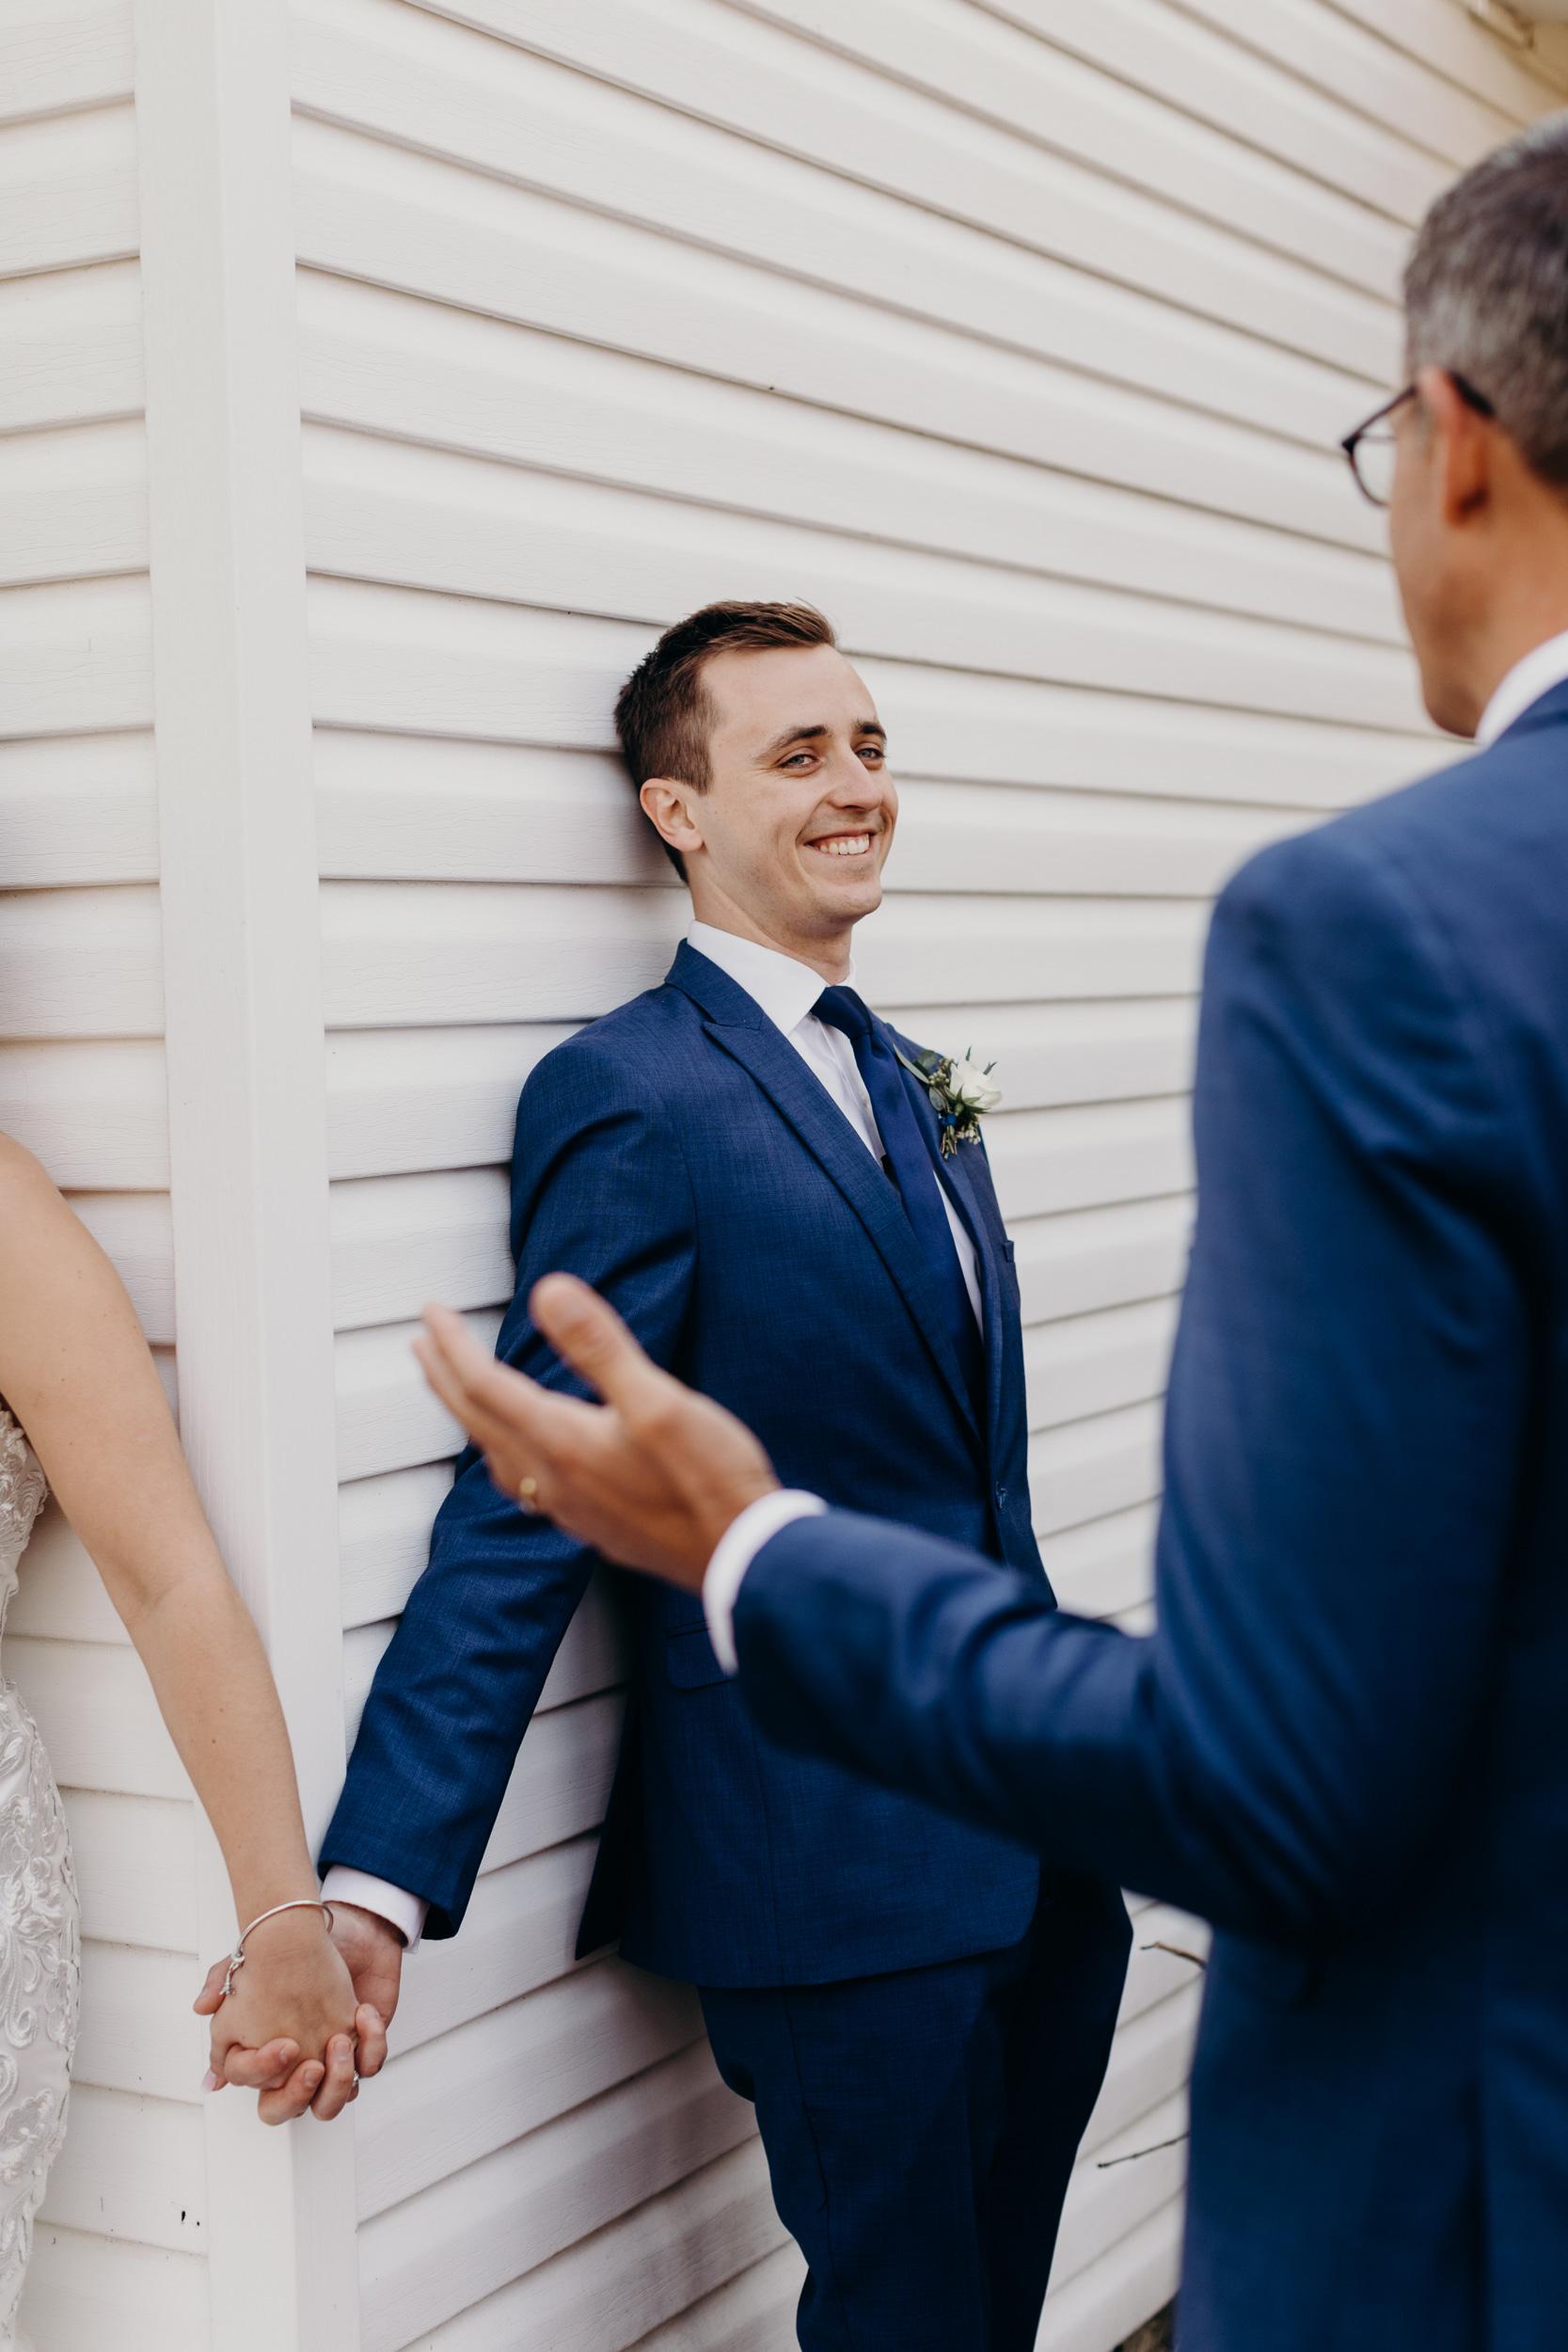 577-ltw-morgan-adam-wedding.jpg